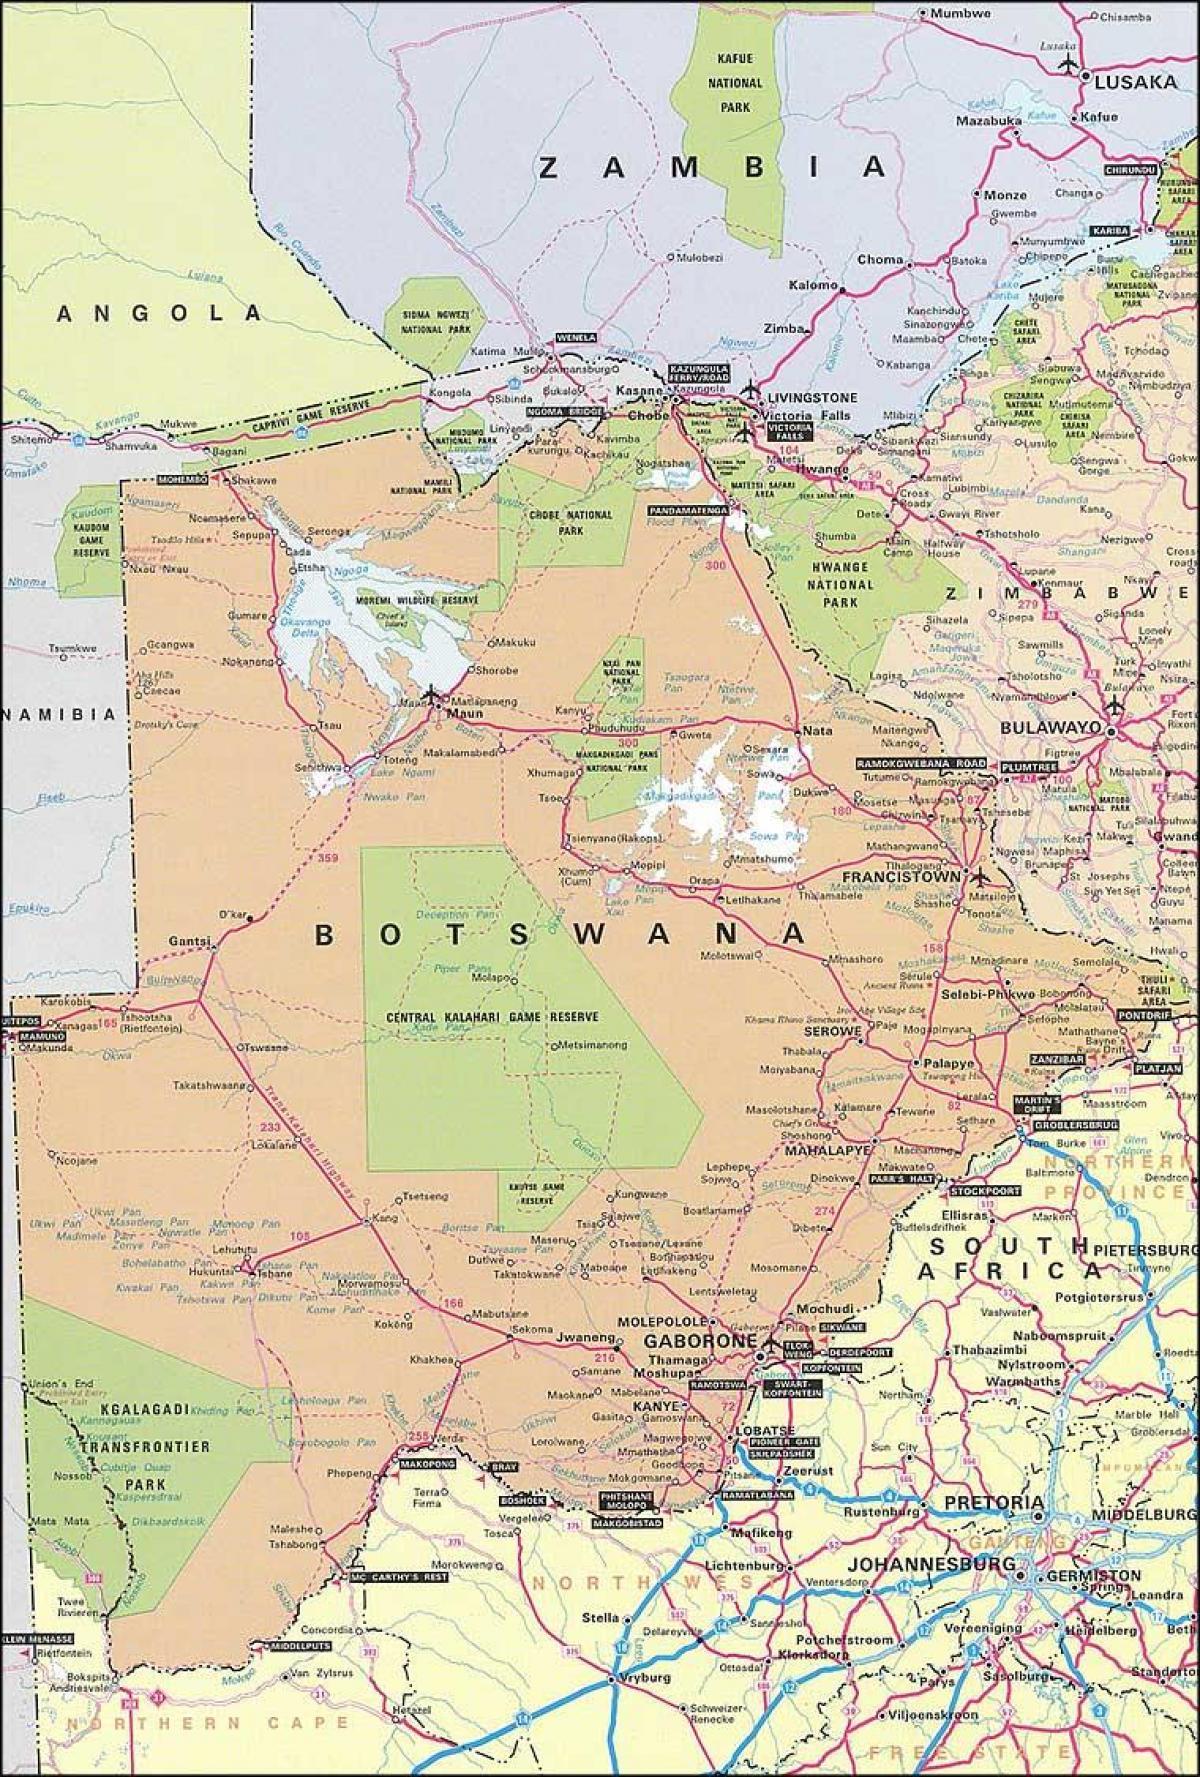 Karta Och Avstand.Botswana Karta Med Avstand Karta Av Botswana Karta Med Avstand